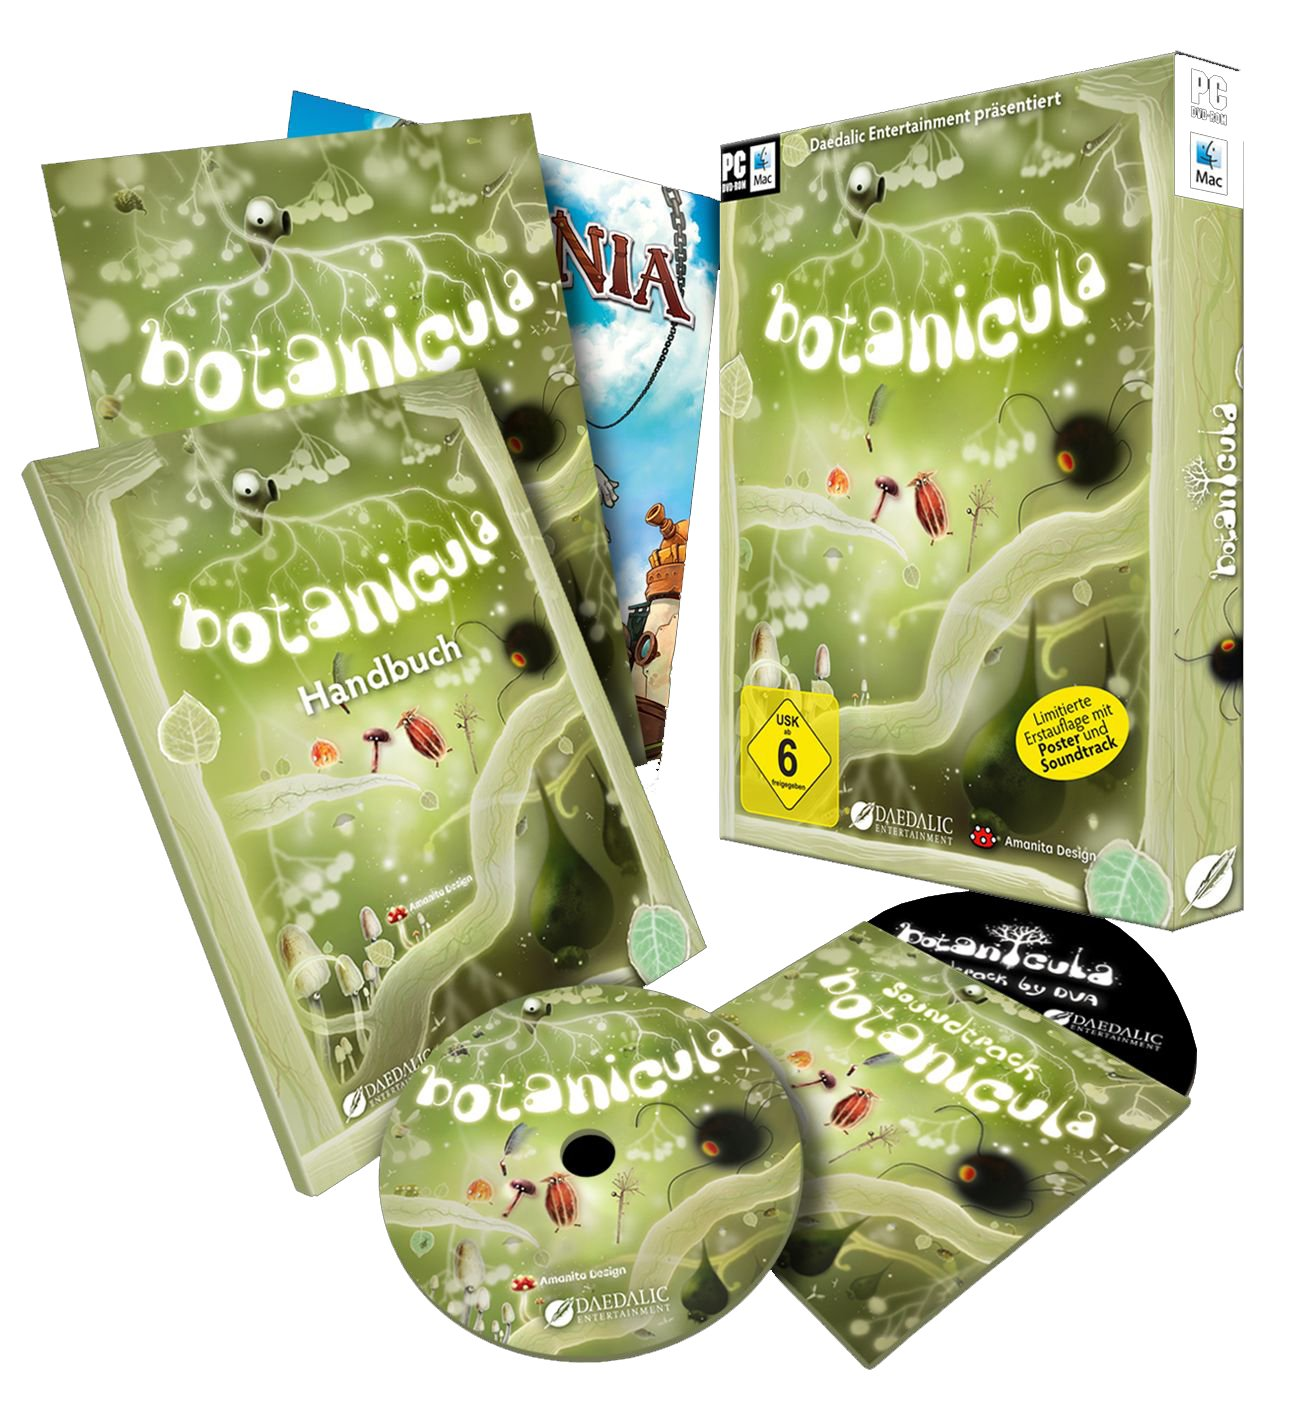 Botanicula (Limitierte Erstauflage inklusive Poster, Soundtrack und ausführlichem Handbuch) - [PC/Mac] product image